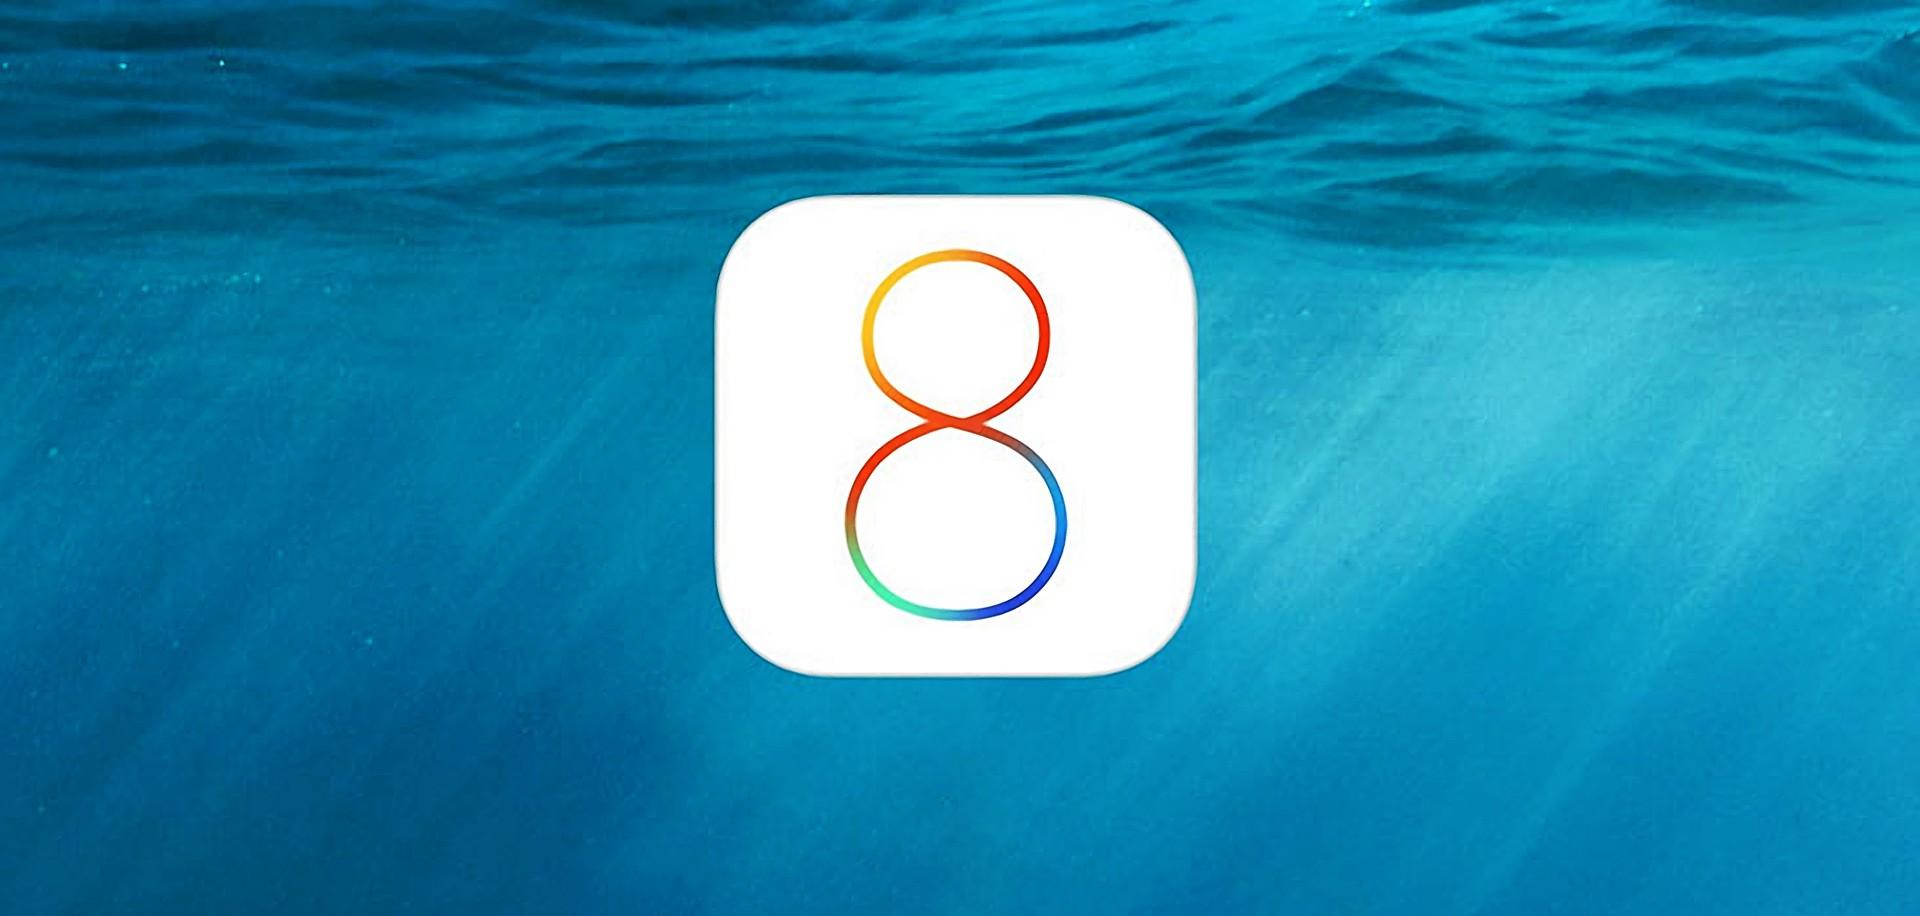 Stáhněte si tapety z nového iOS 8